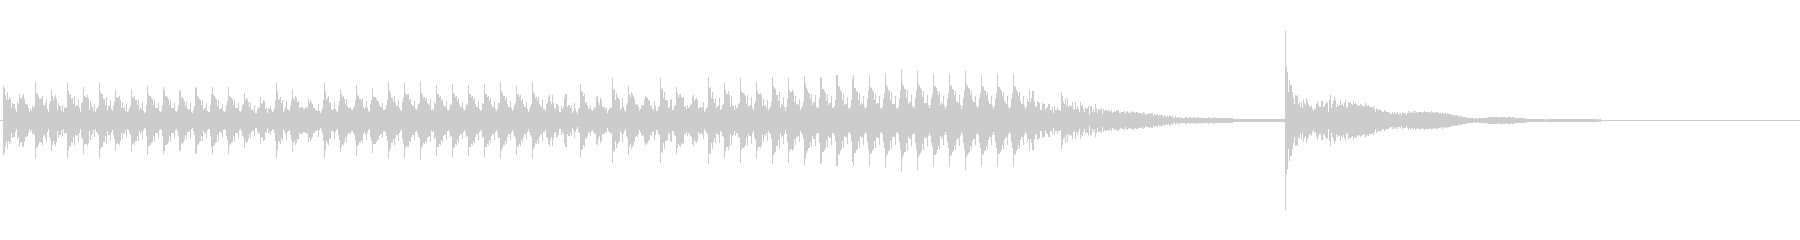 どんどんどんどん・・どん!ドラムロールの未再生の波形